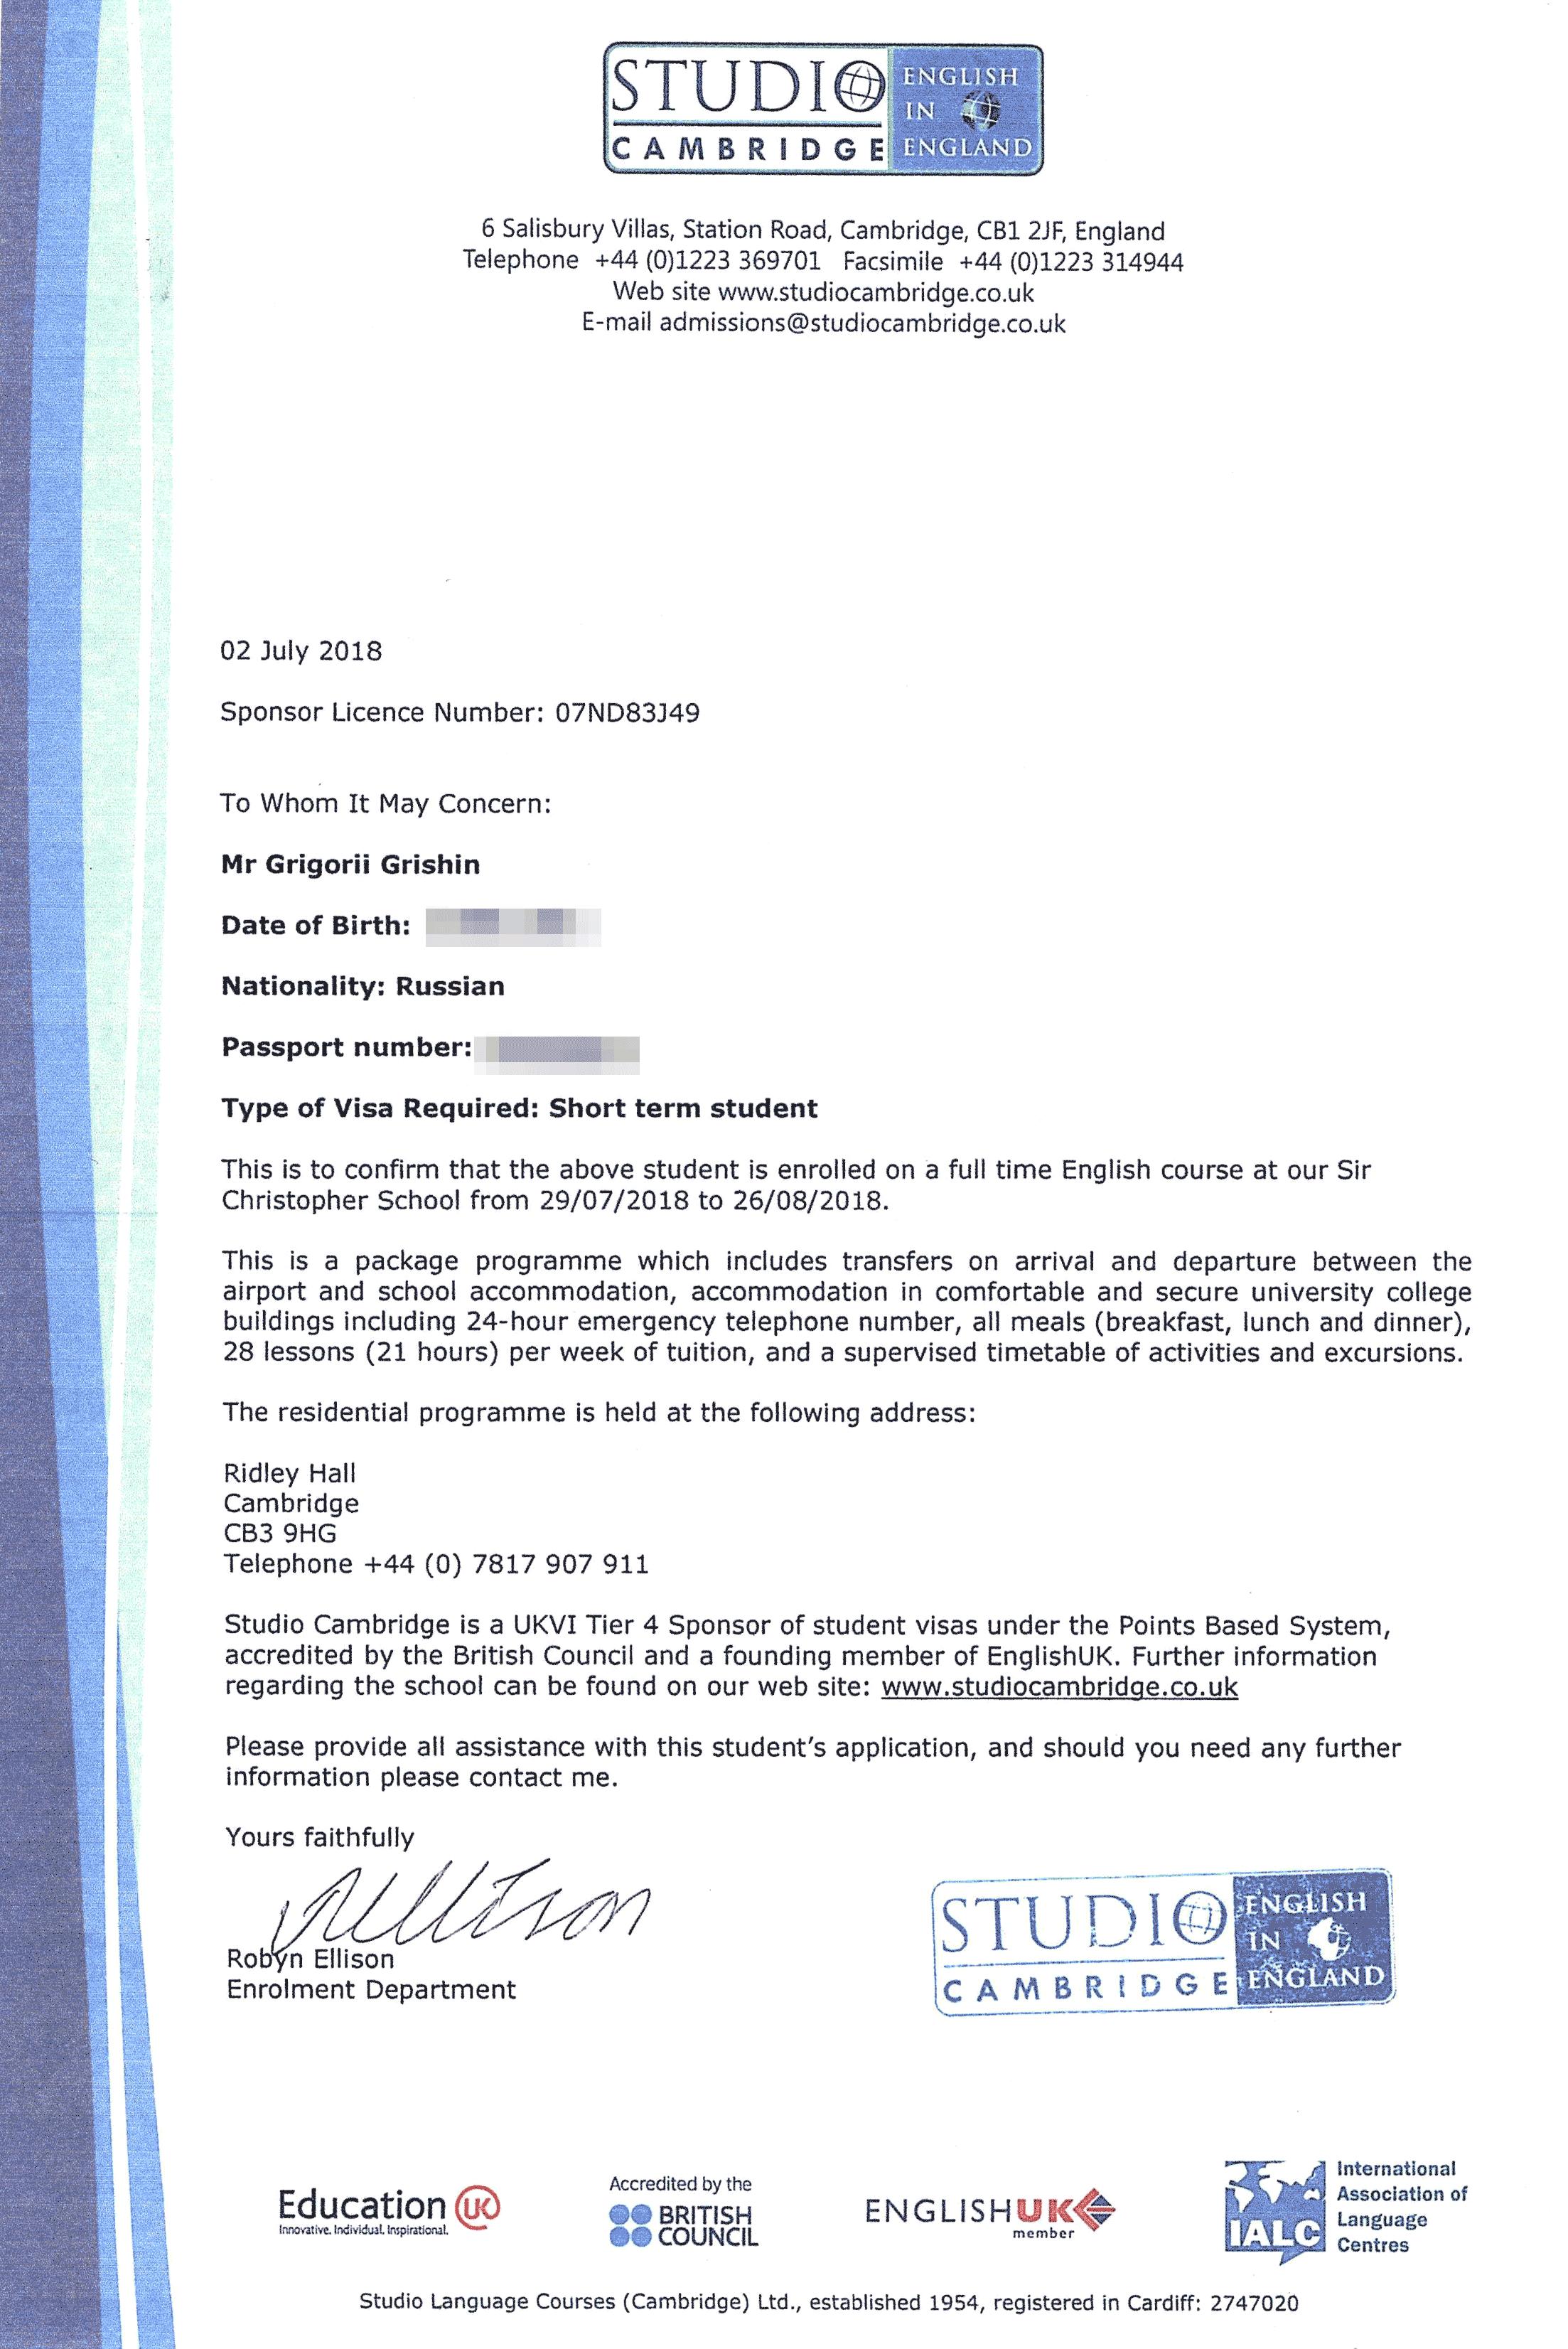 Приглашение на курс от школы Studio Cambridge, которое мне прислали по электронной почте